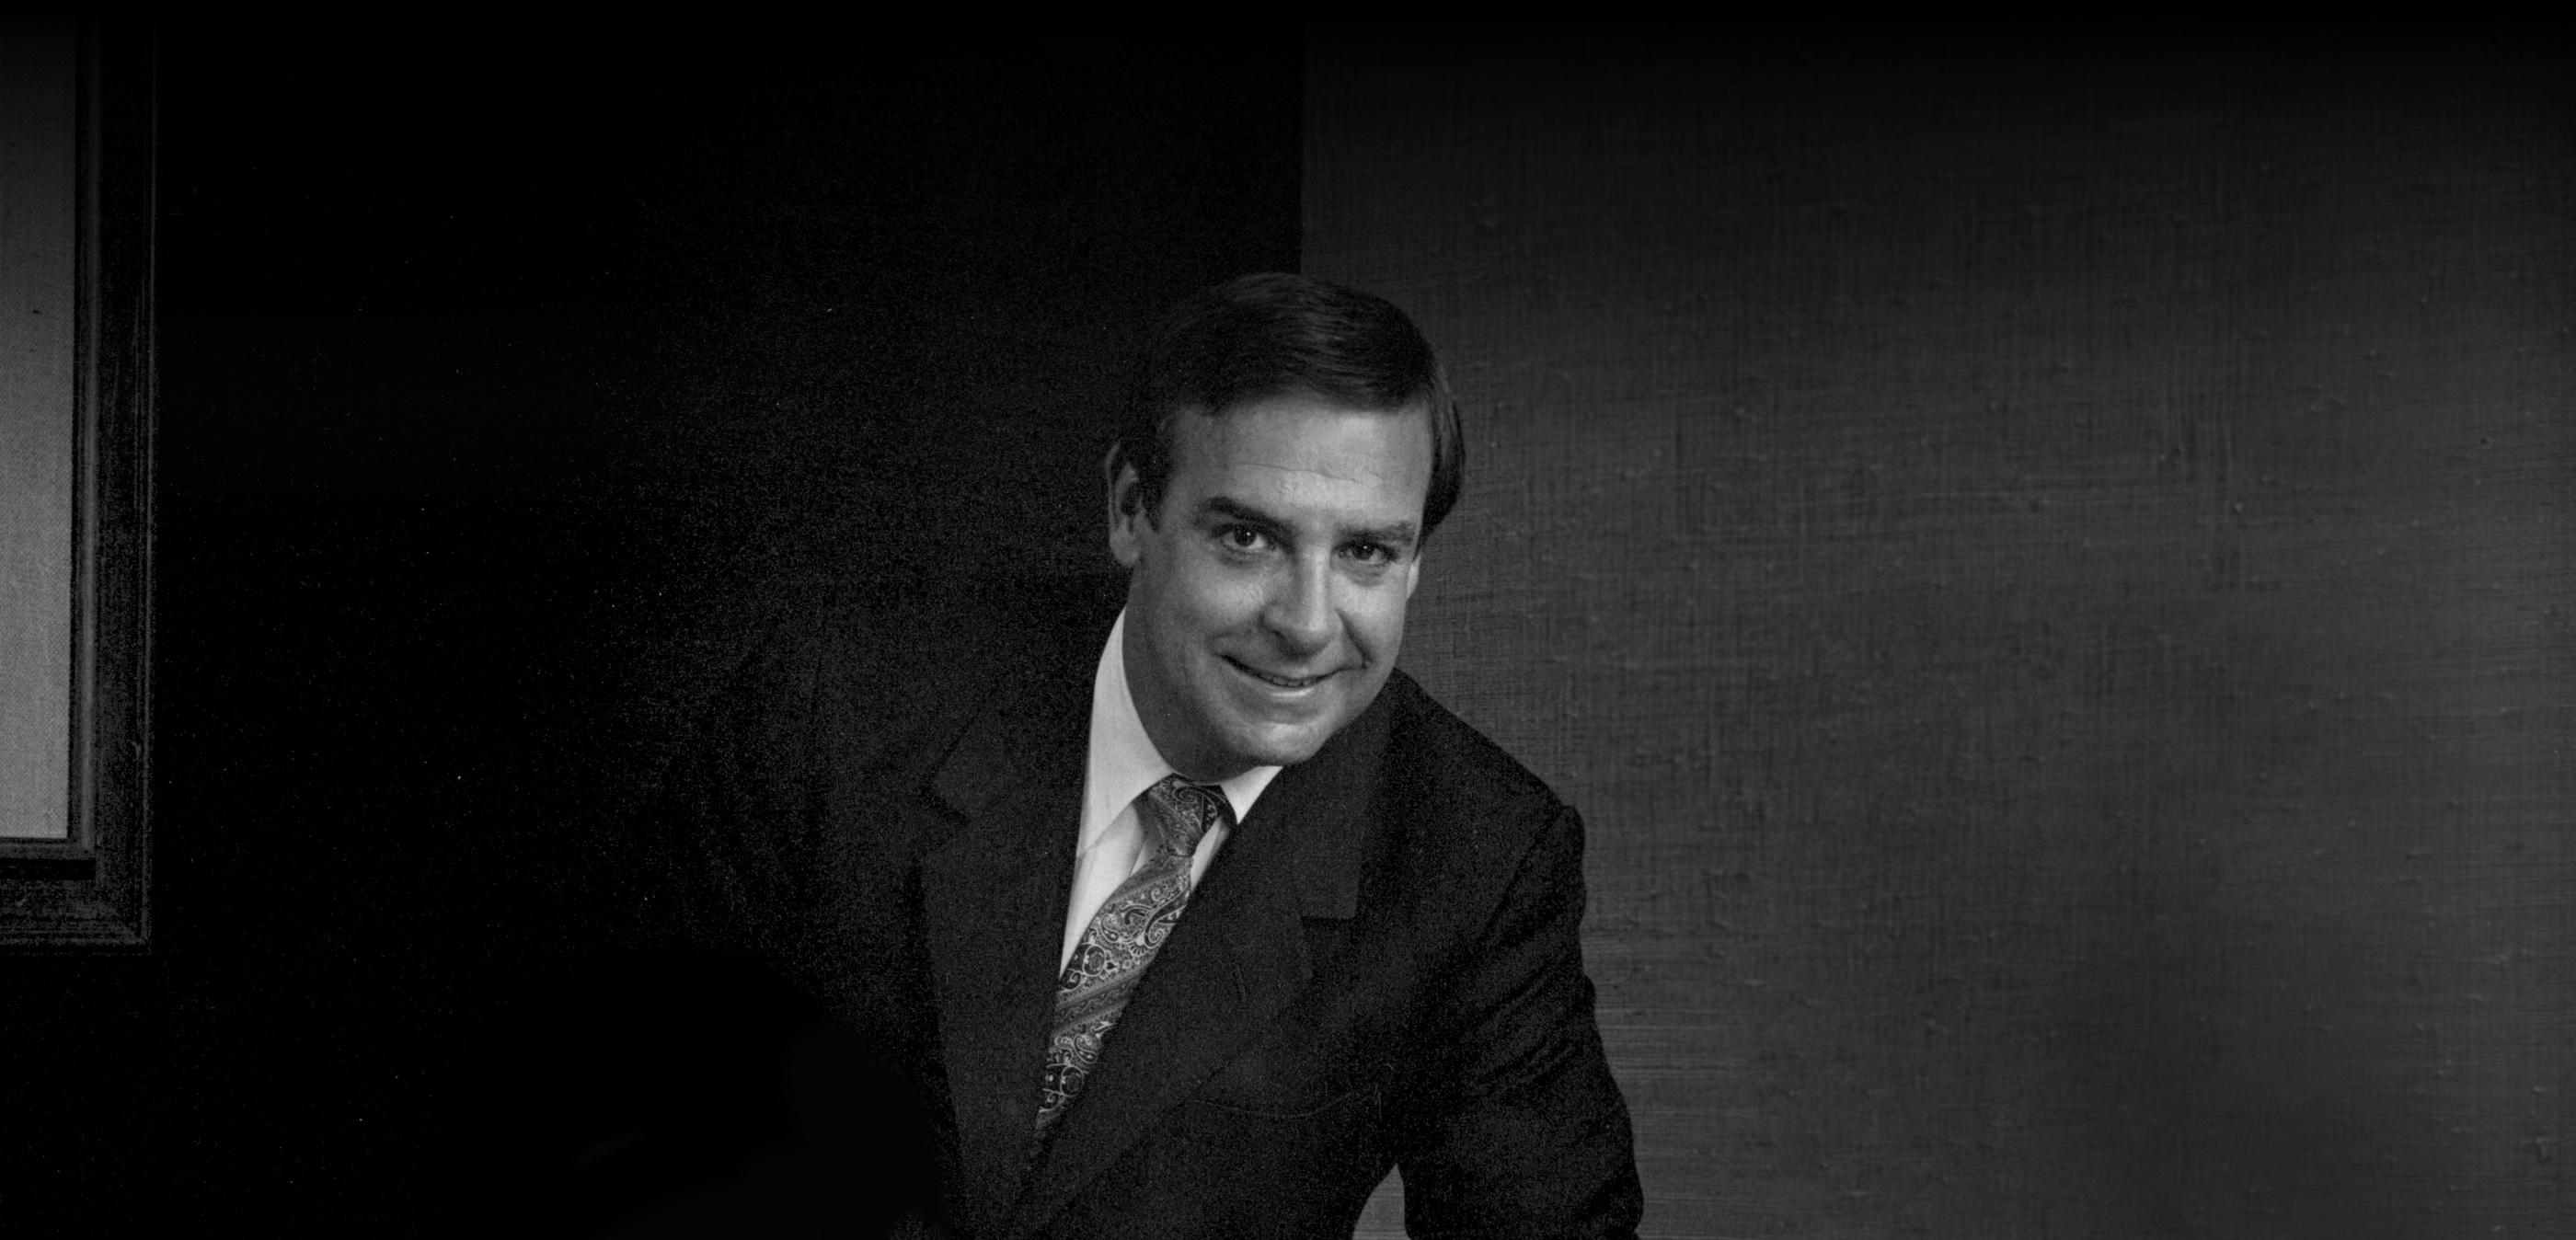 Black and white image of Jack Lockton